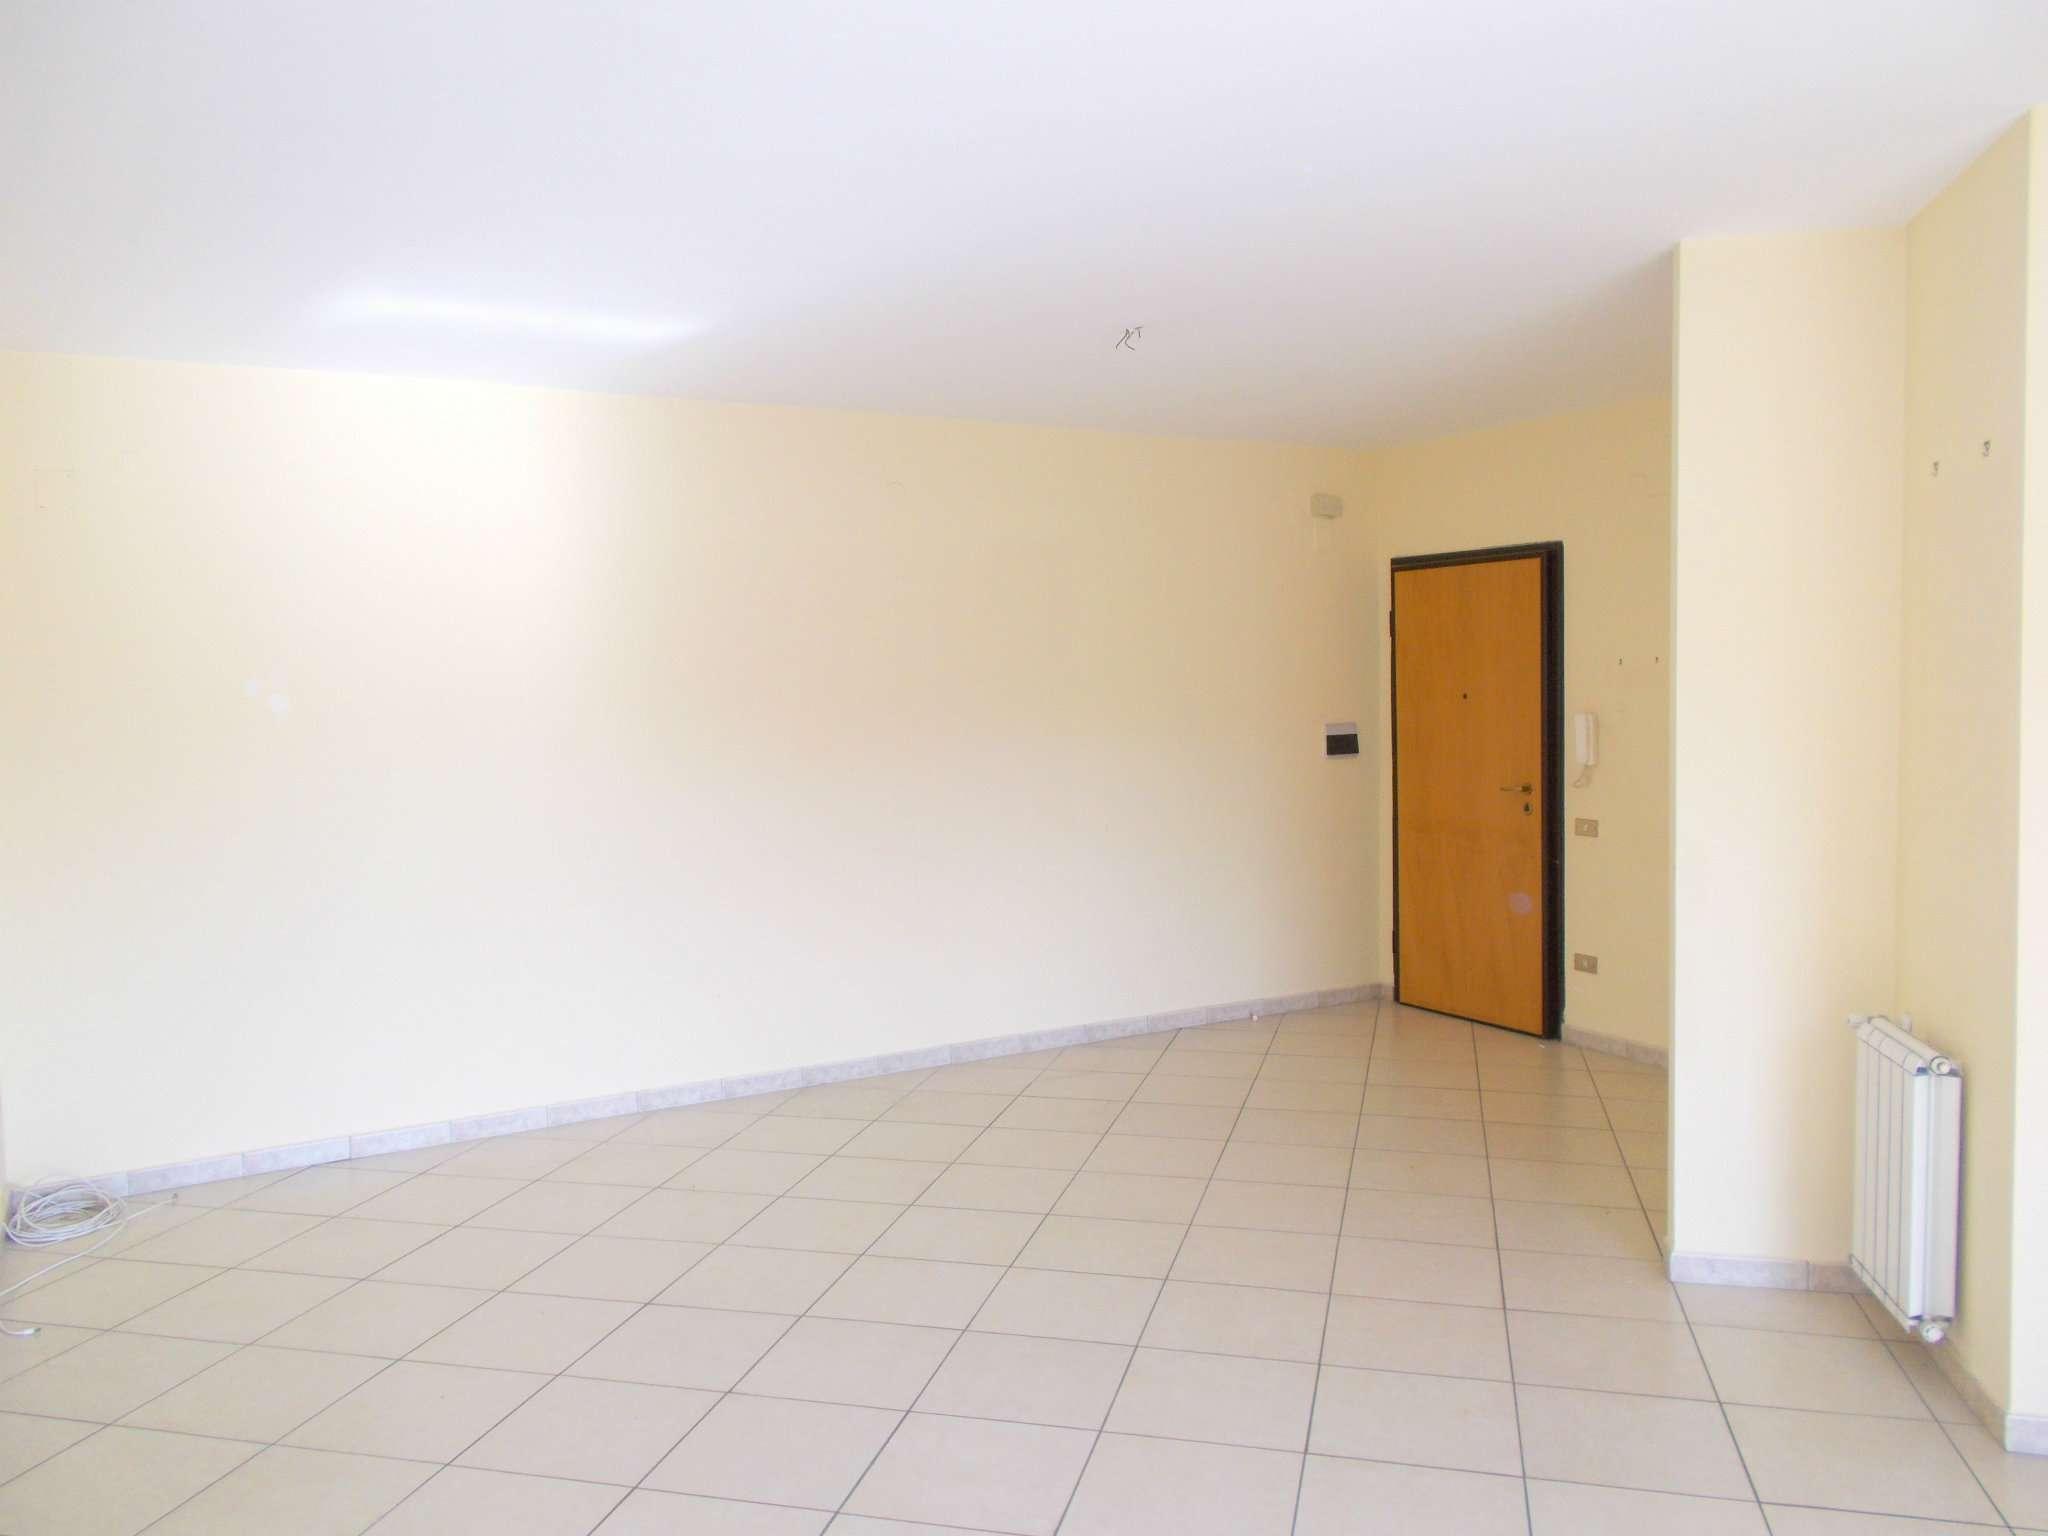 Appartamento in vendita a Santa Maria a Vico, 5 locali, prezzo € 94.000 | CambioCasa.it